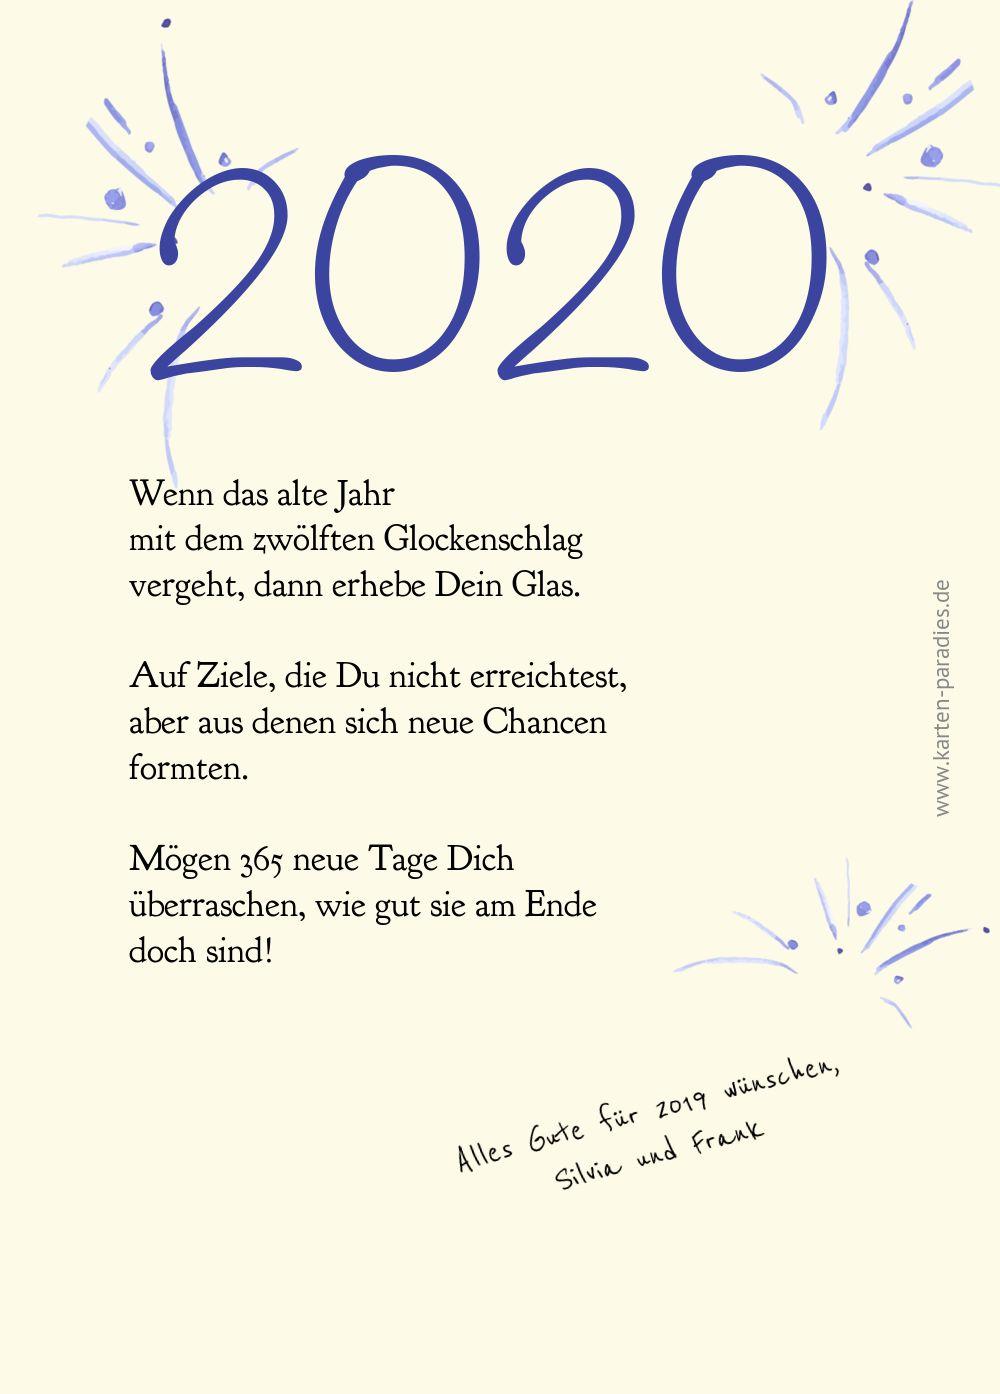 Ansicht 3 - Neujahrskarte Sektanstoß